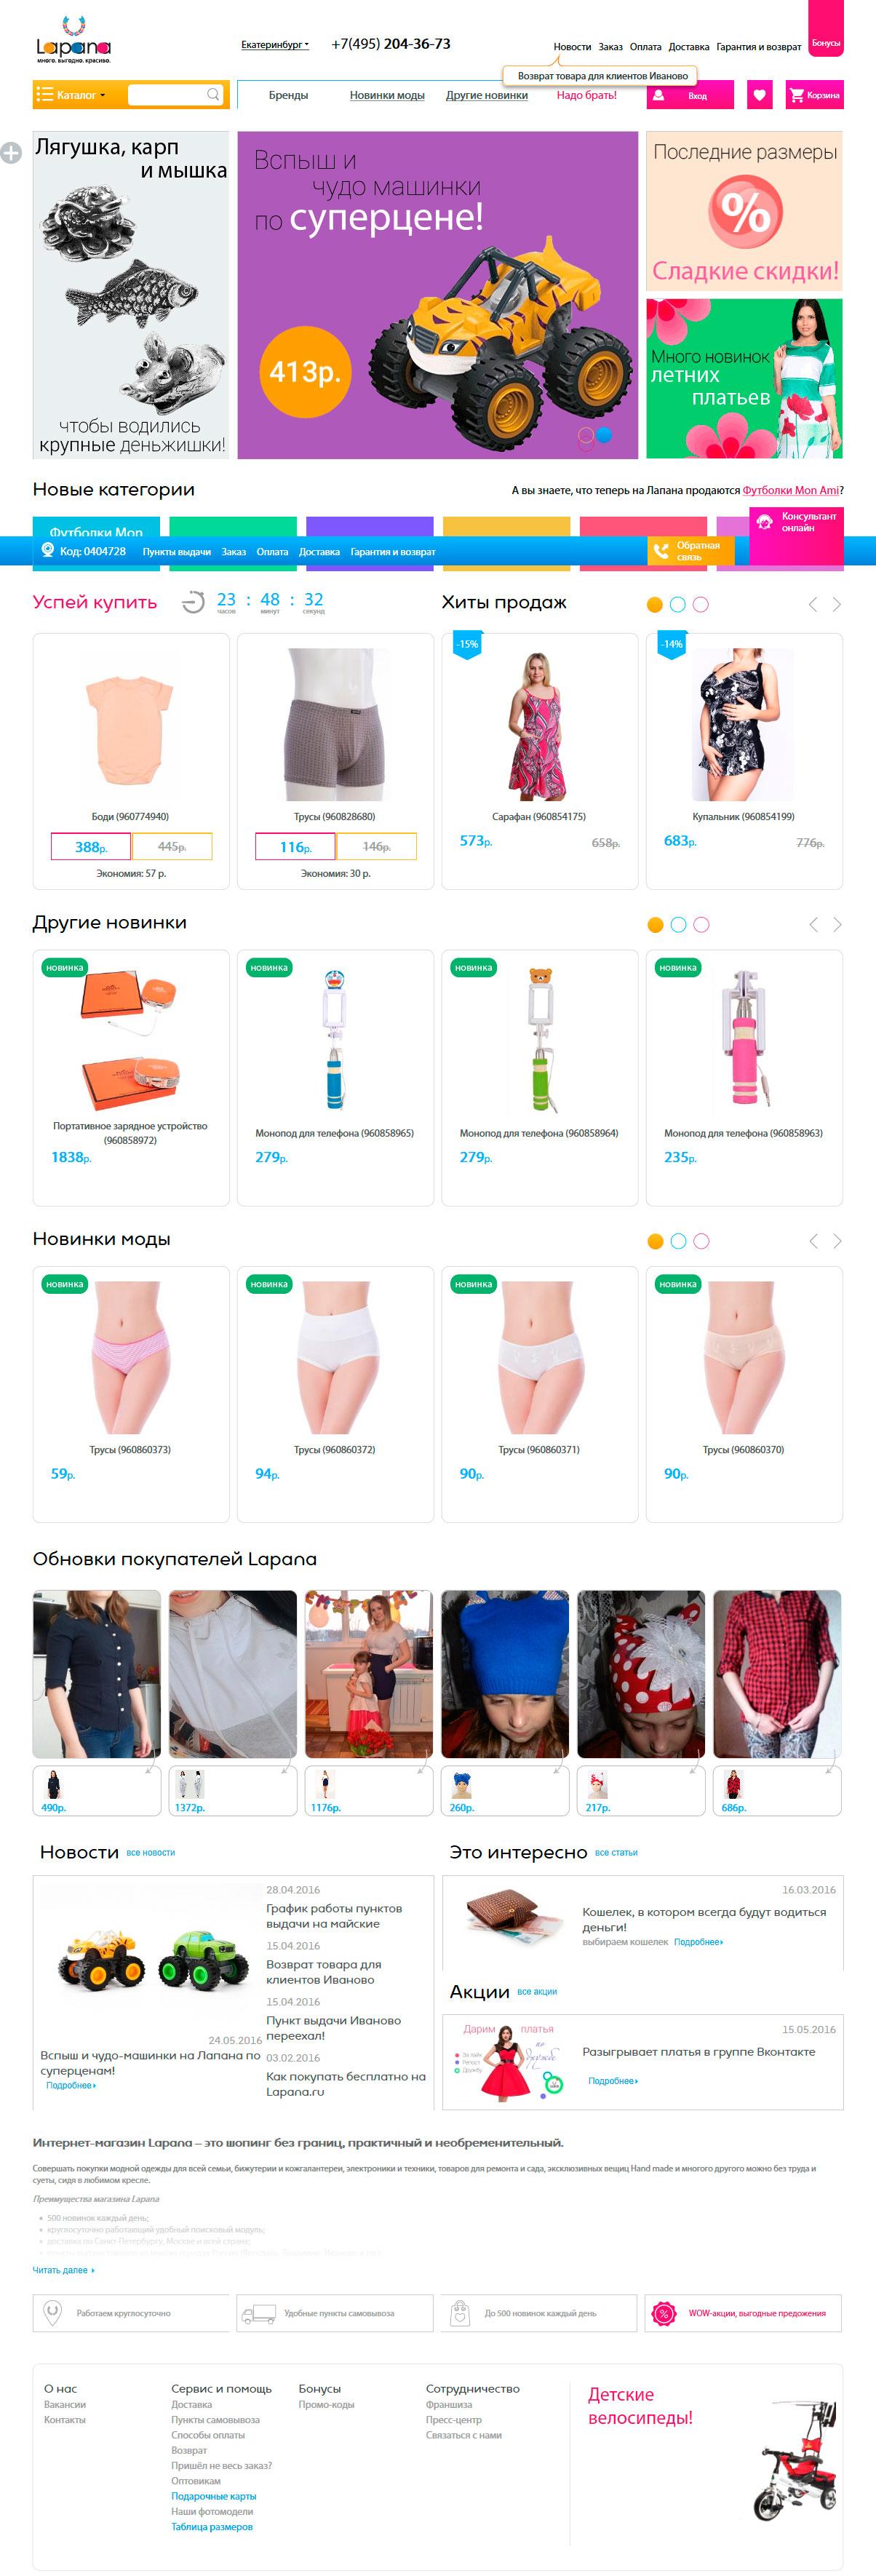 Продвижение сайта Интернет-магазины одежды и аксессуаров